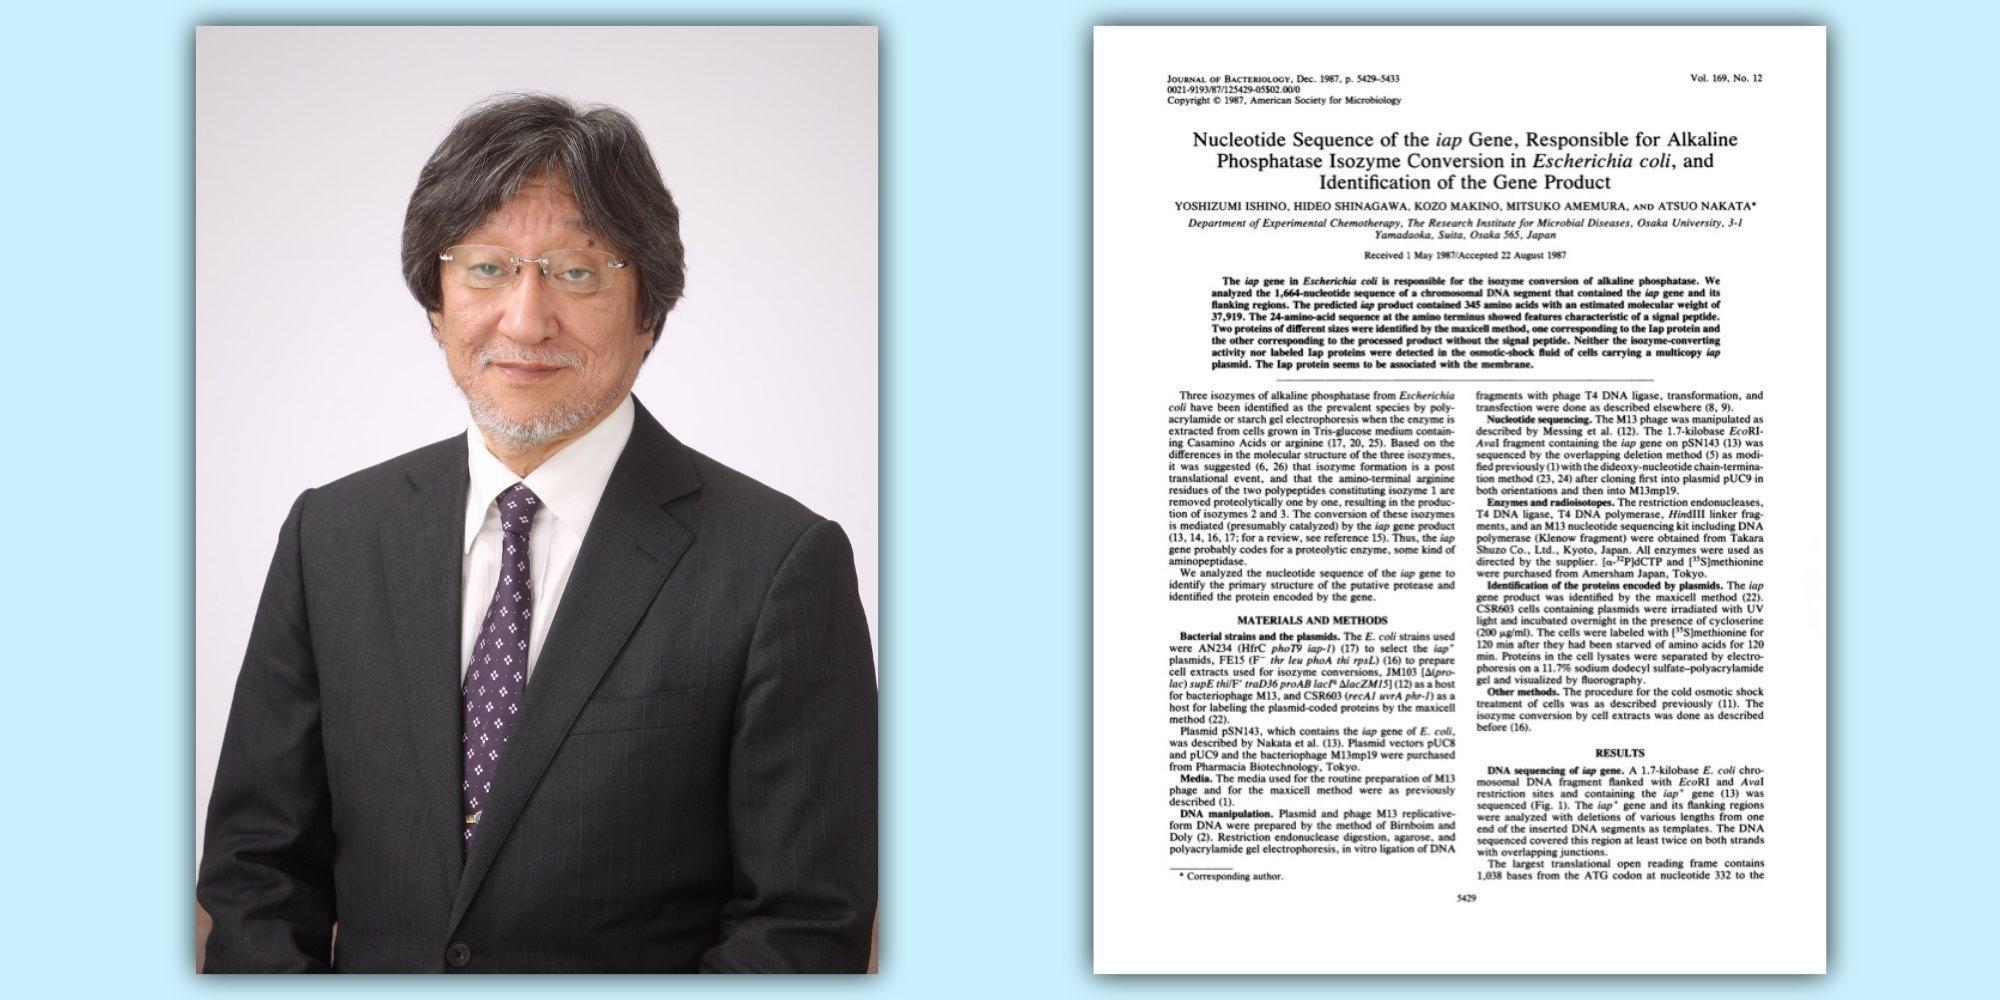 Yoshizumi Ishino (links), erste Seite des Fachartikels im Journal of Bacteriology (rechts), in dem er und seine Kollegen von der Universität Osaka erstmals die heute als CRISPR bekannte Struktur beschrieben.